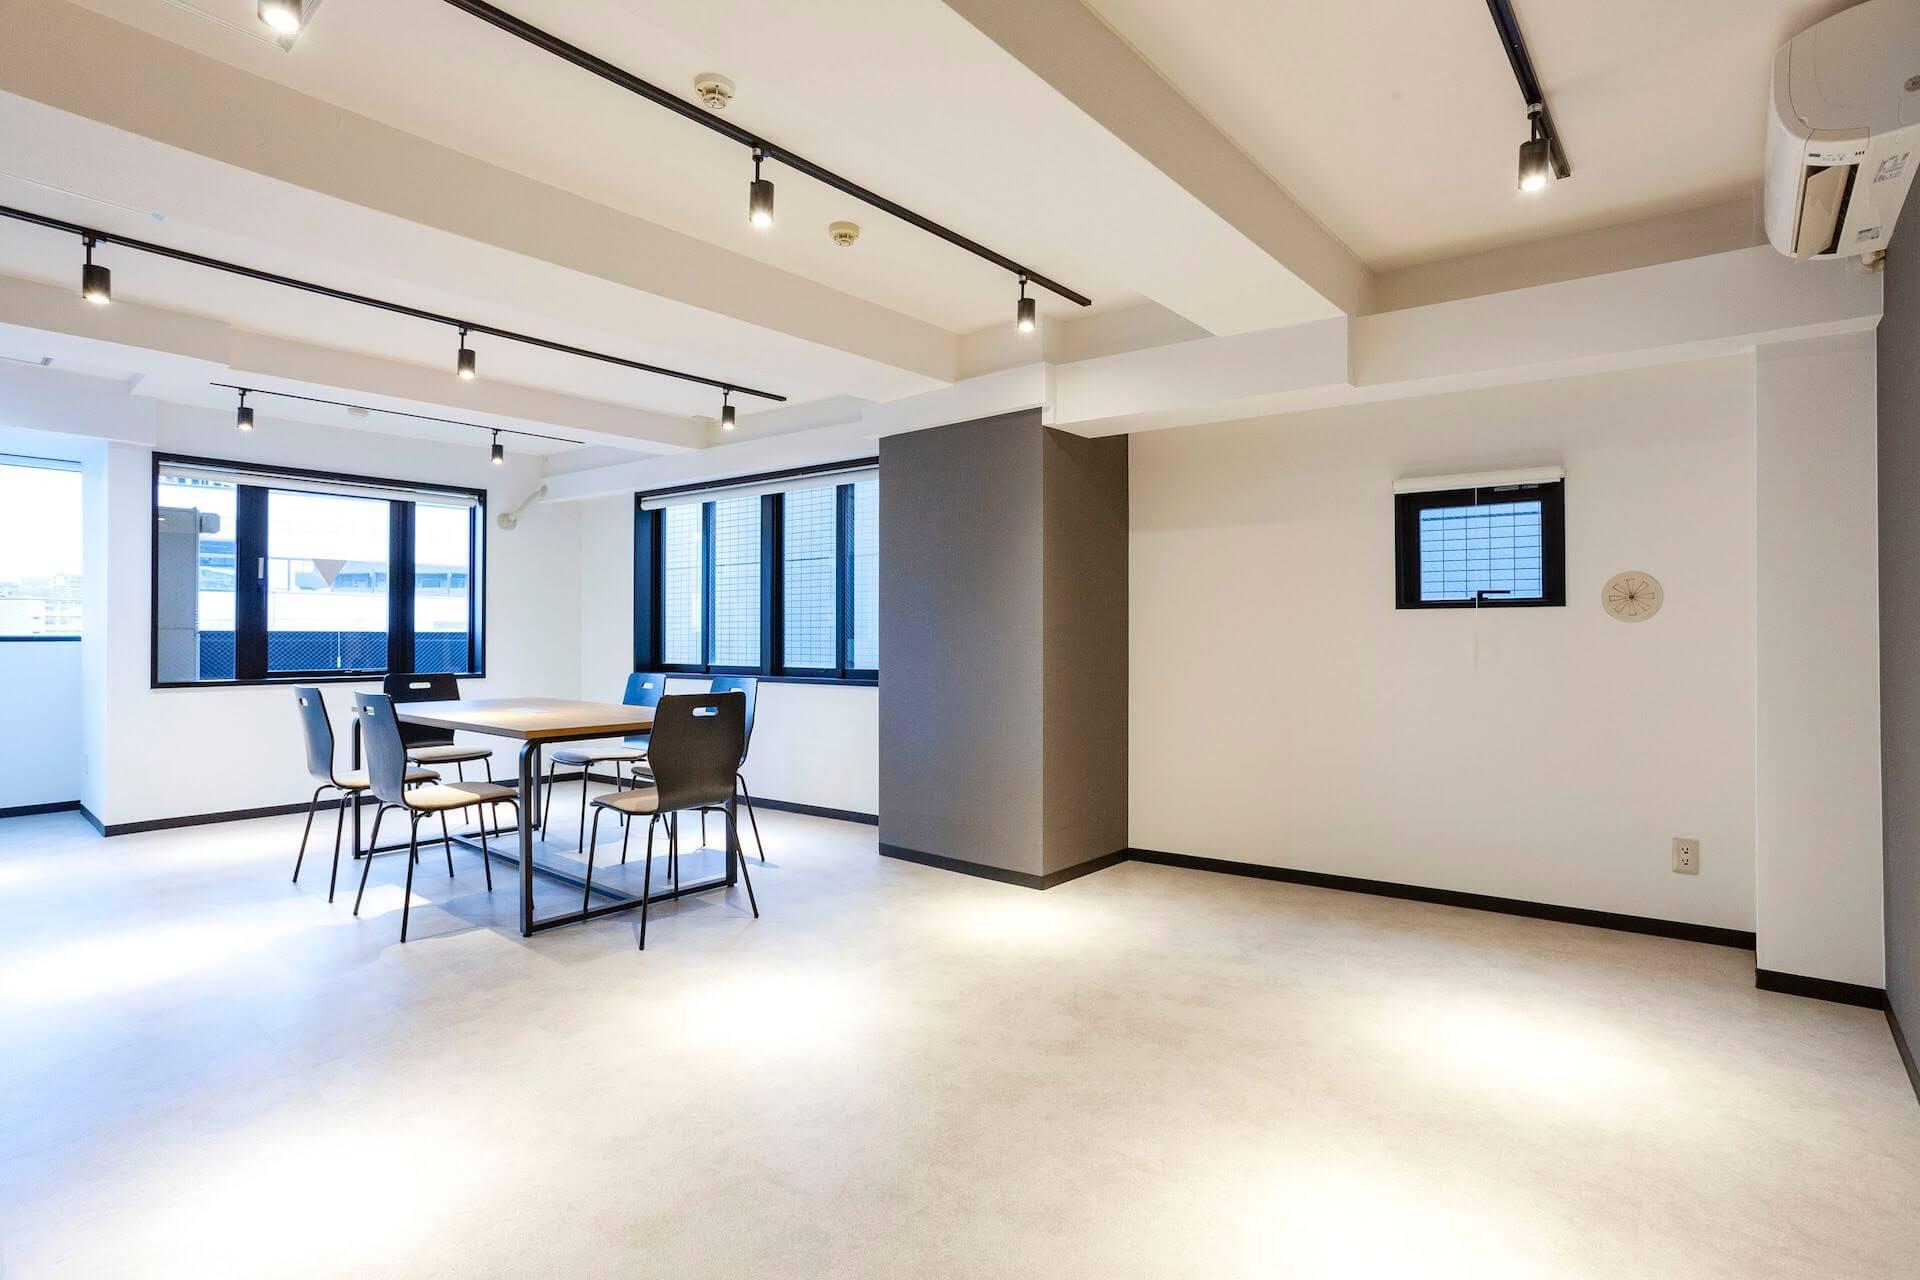 オフィスデザイン事例|株式会社JIPANGLOBAL_2